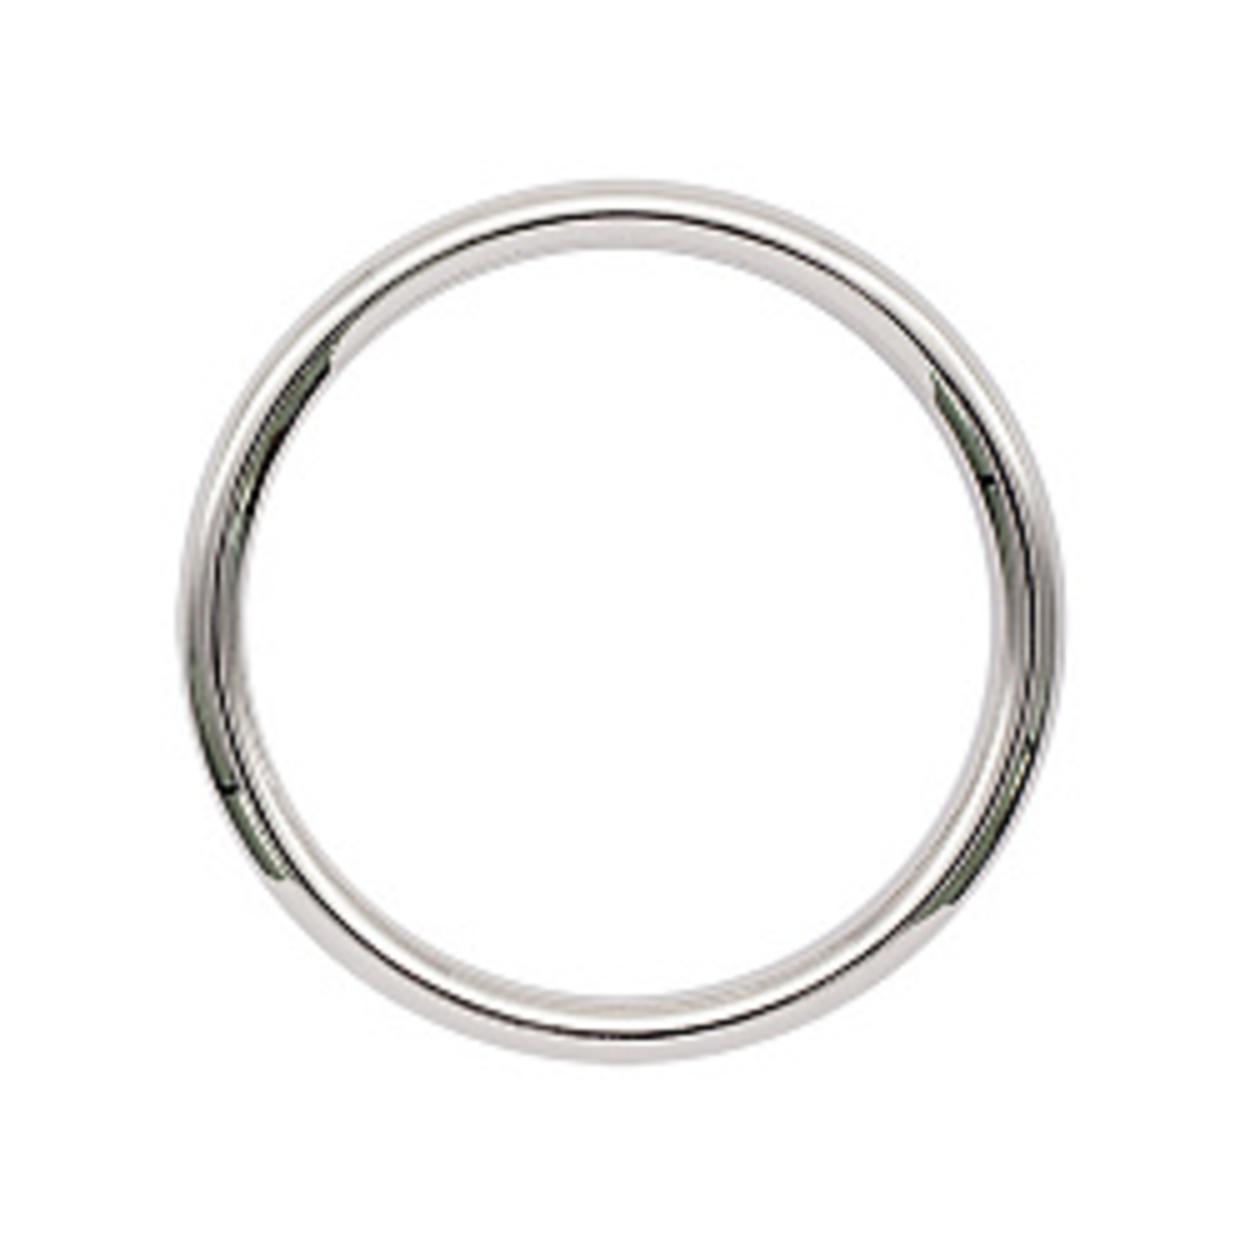 Кольцо литое 20 мм. (никель)